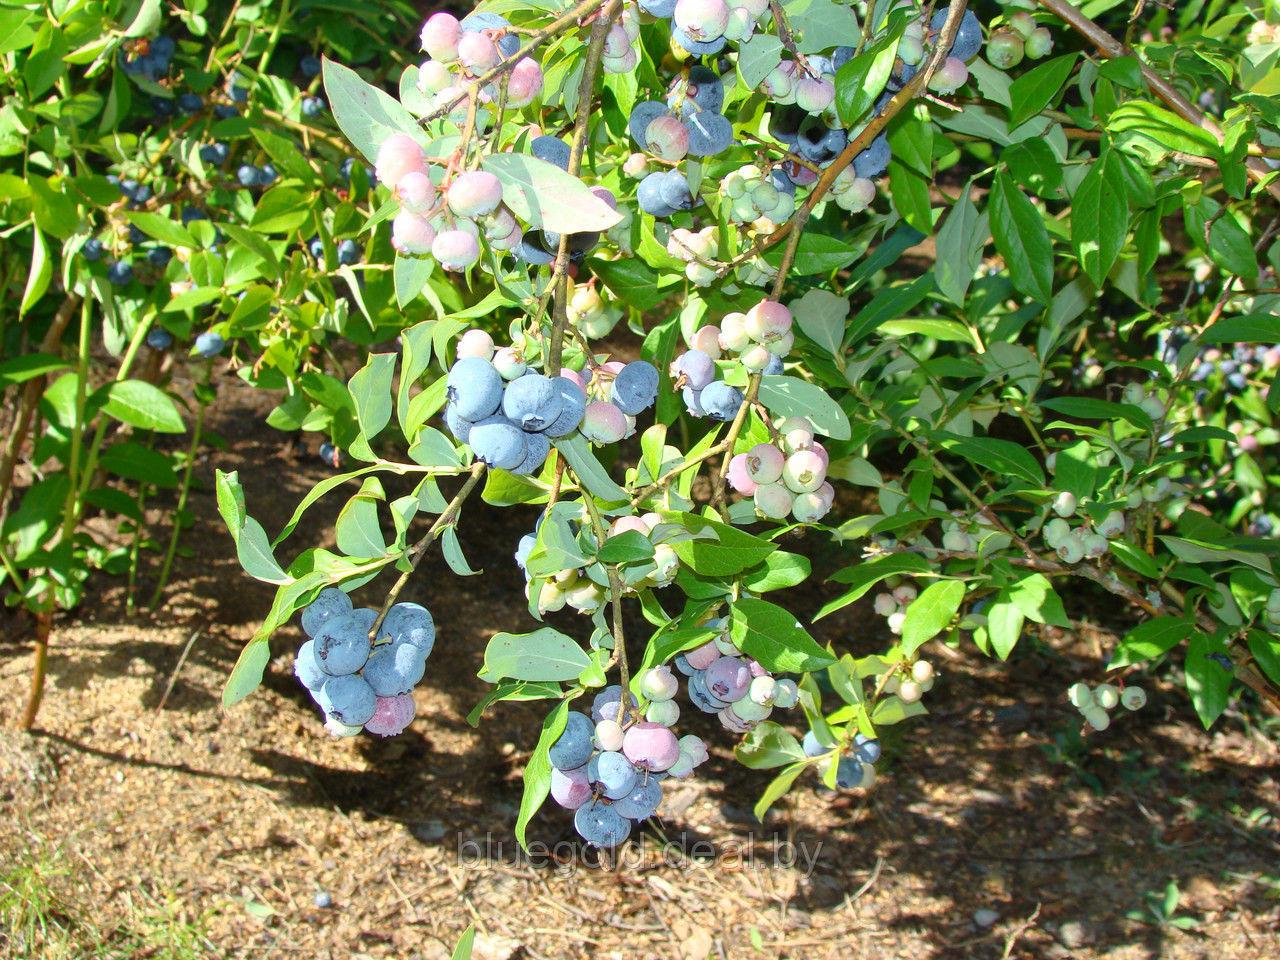 Голубика денис блю: описание сорта и характеристики, посадка и уход, отзывы с фото